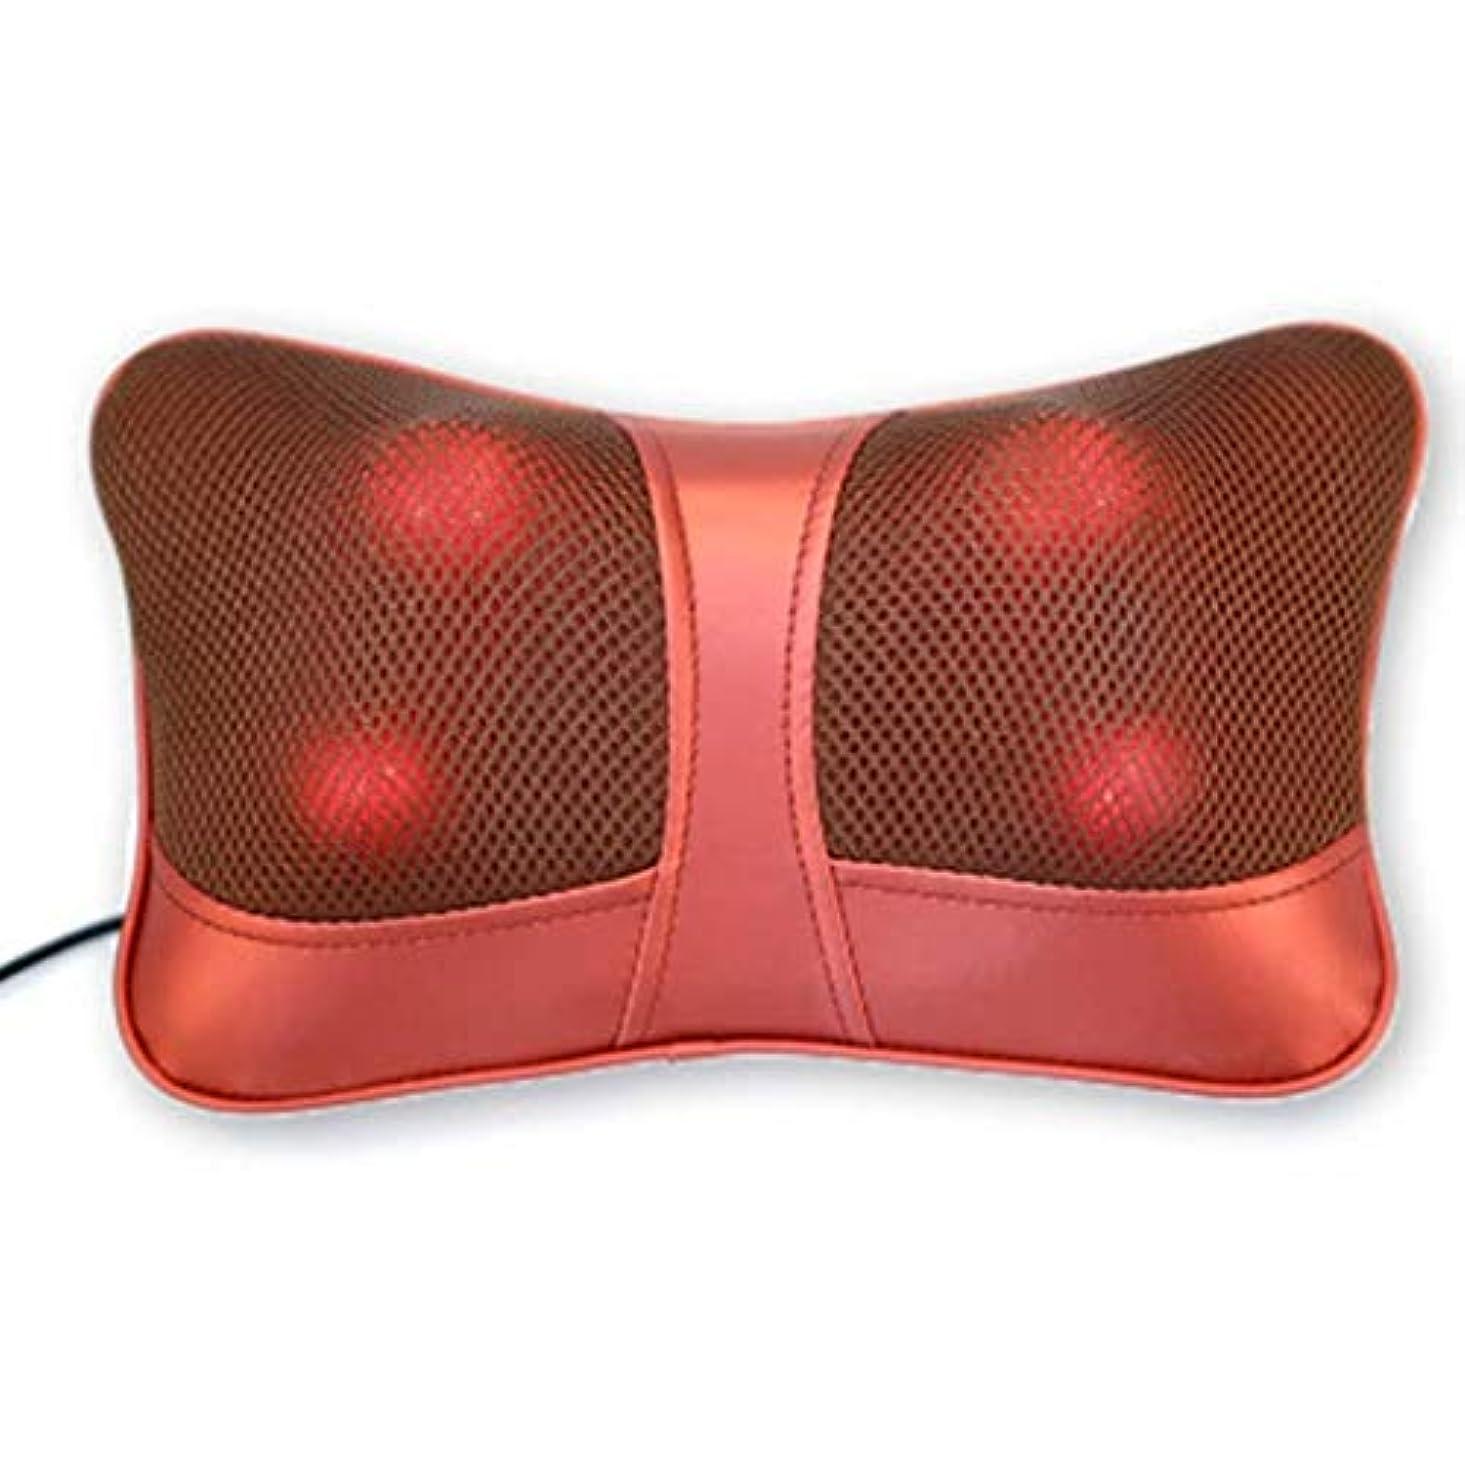 ブリリアントデジタル遡るマッサージ枕、指圧首マッサージャー、3Dスクワットマッサージ枕、熱処理と暖かいハンドバッグ、首、肩と背中の疲れを和らげるのに適した